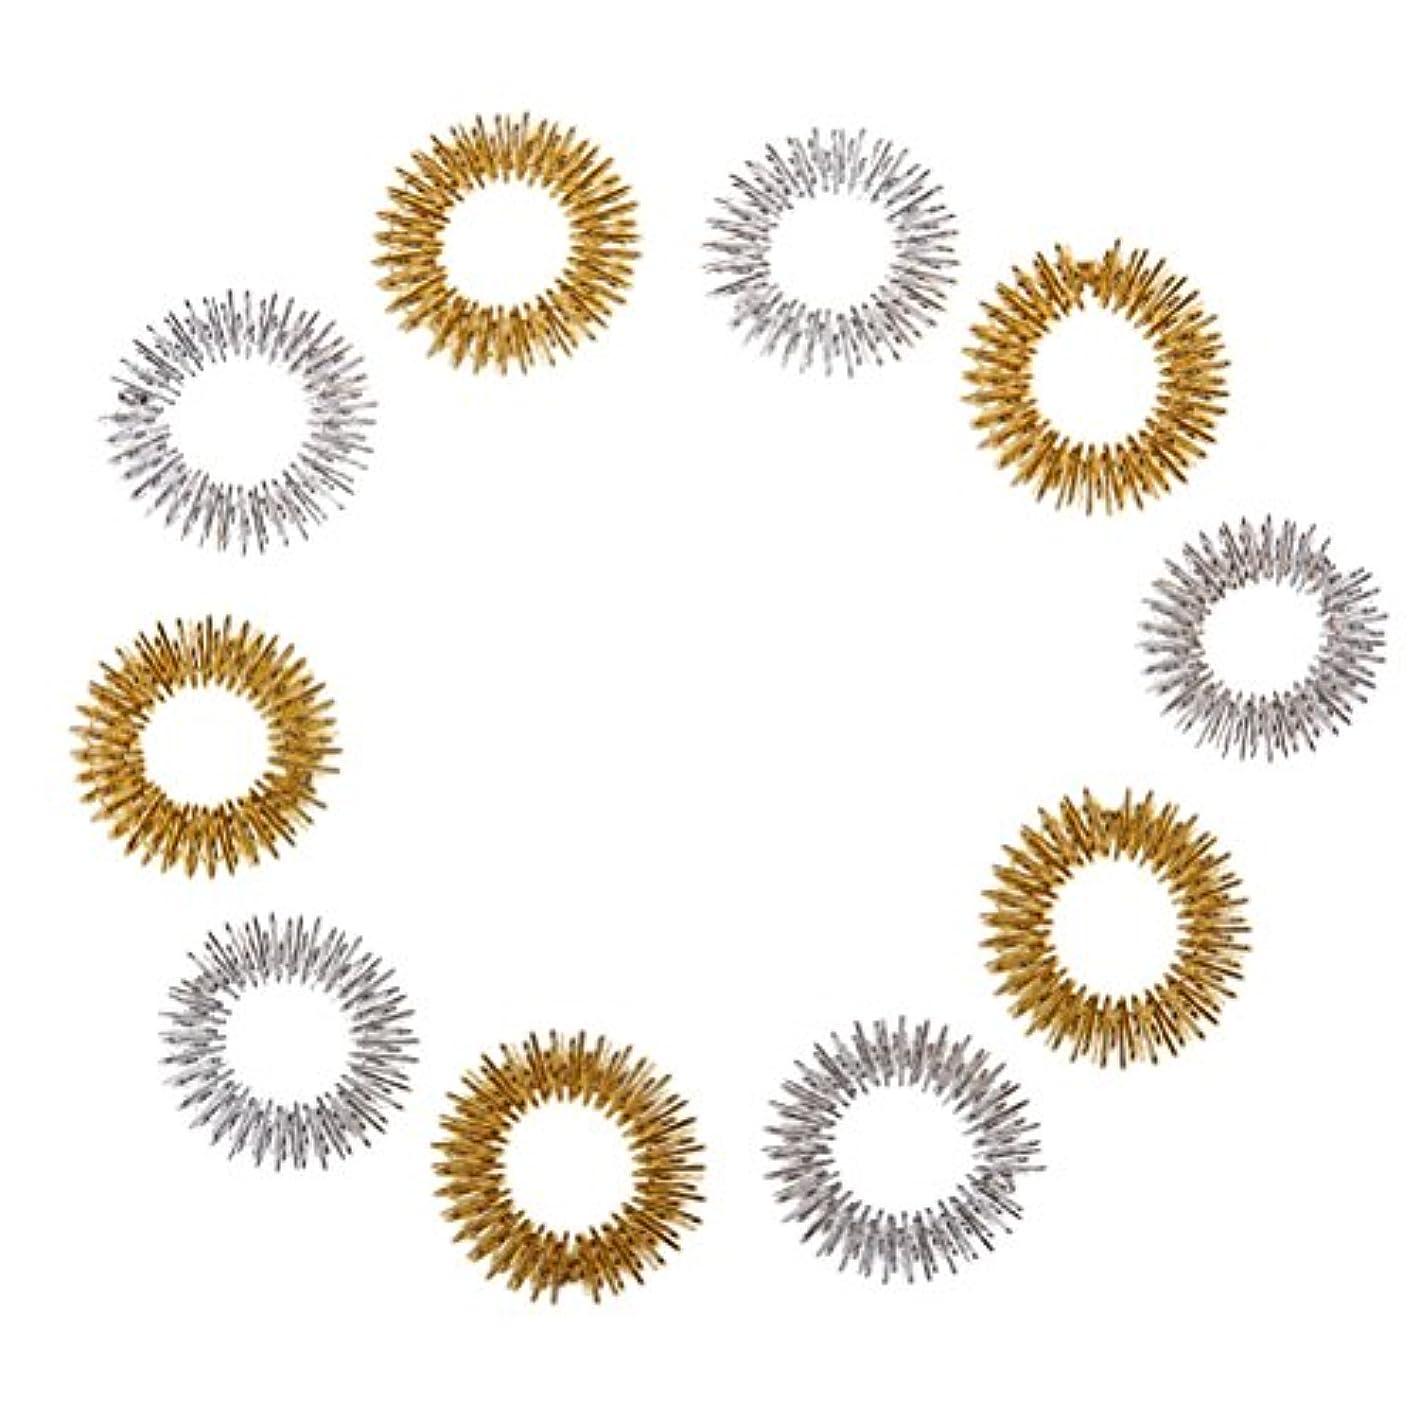 ダルセット散らすおとうさんHealifty 10個指圧マッサージリング子供のための指の循環リング十代の若者たちの大人(ランダムカラー)